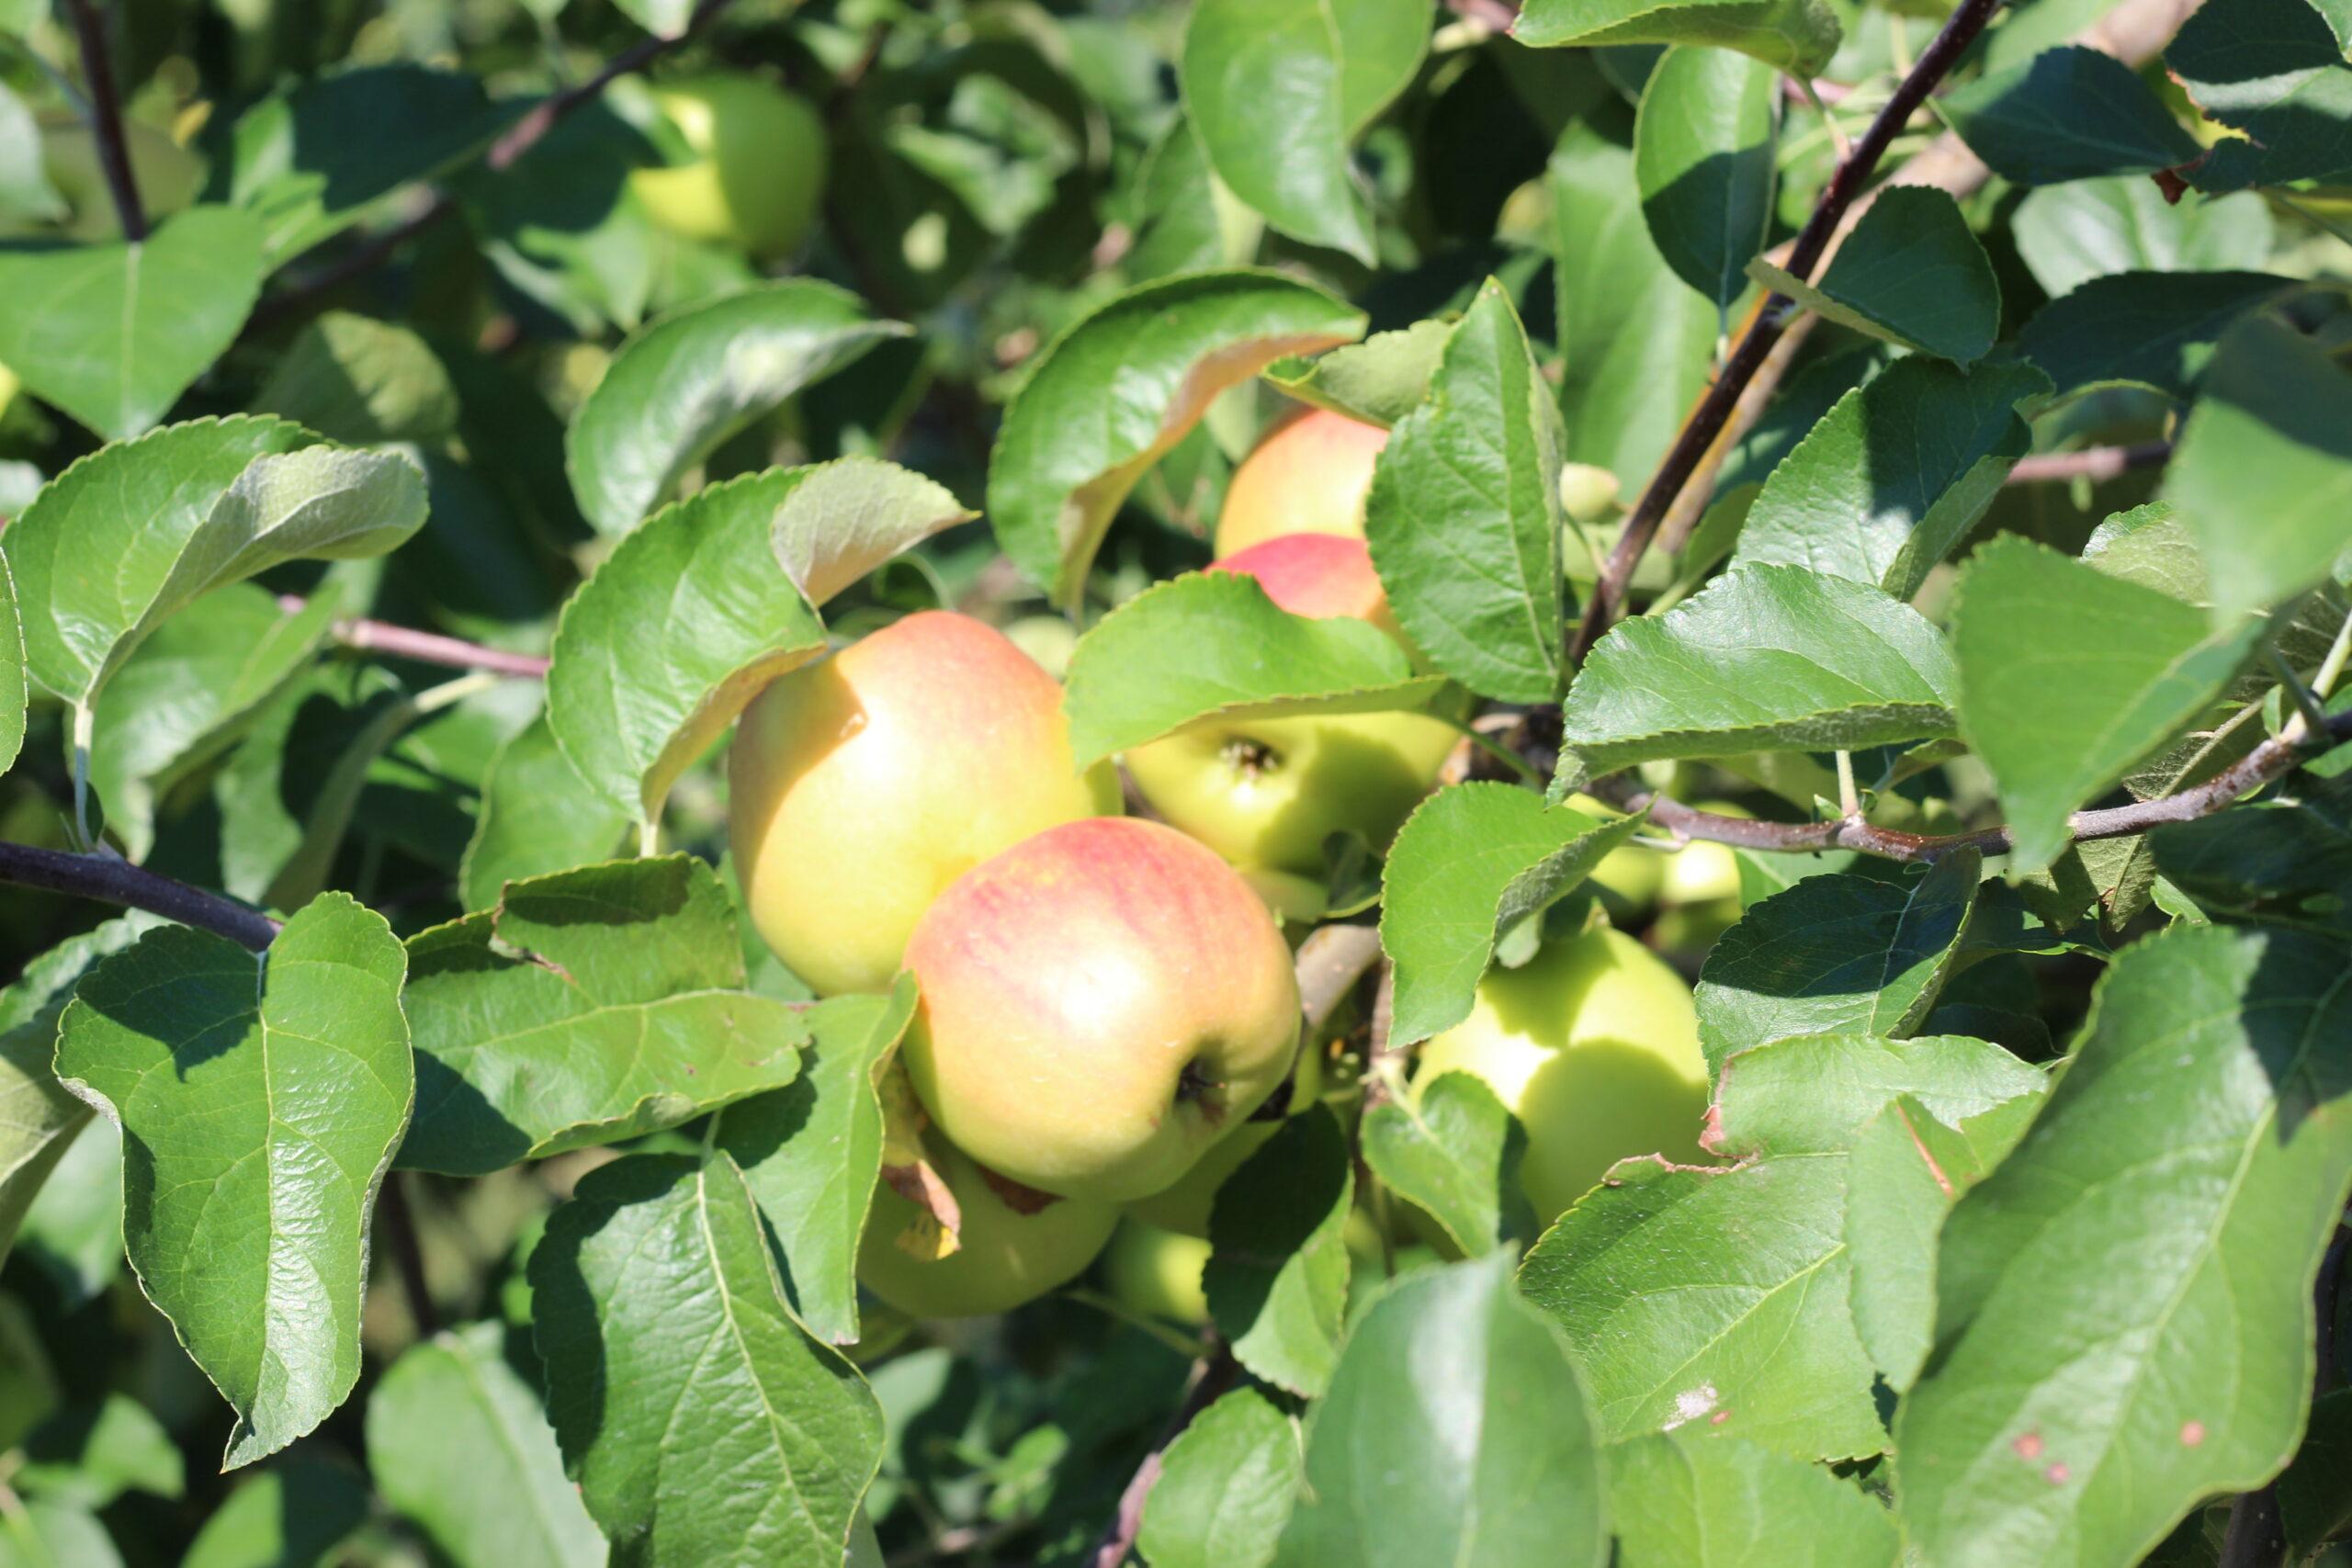 И спелых яблок душистый аромат